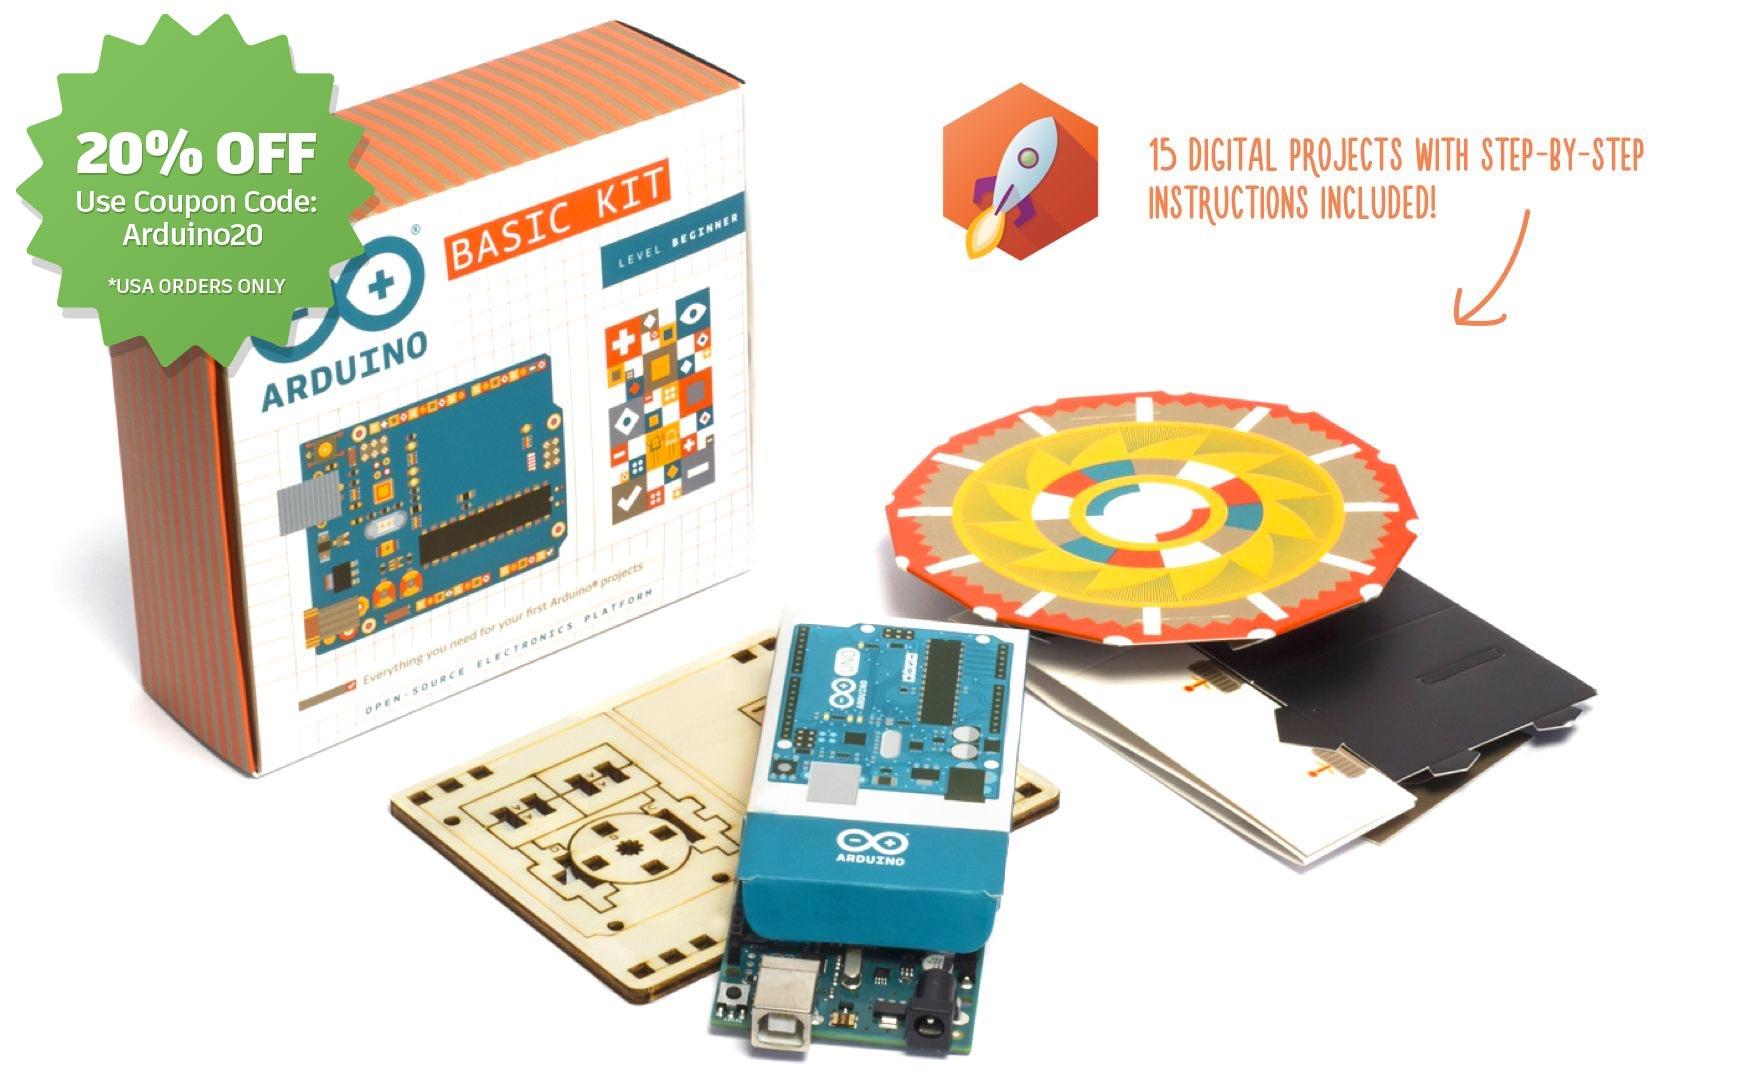 Grove - Starter Kit for Arduino User Manual - Cornell